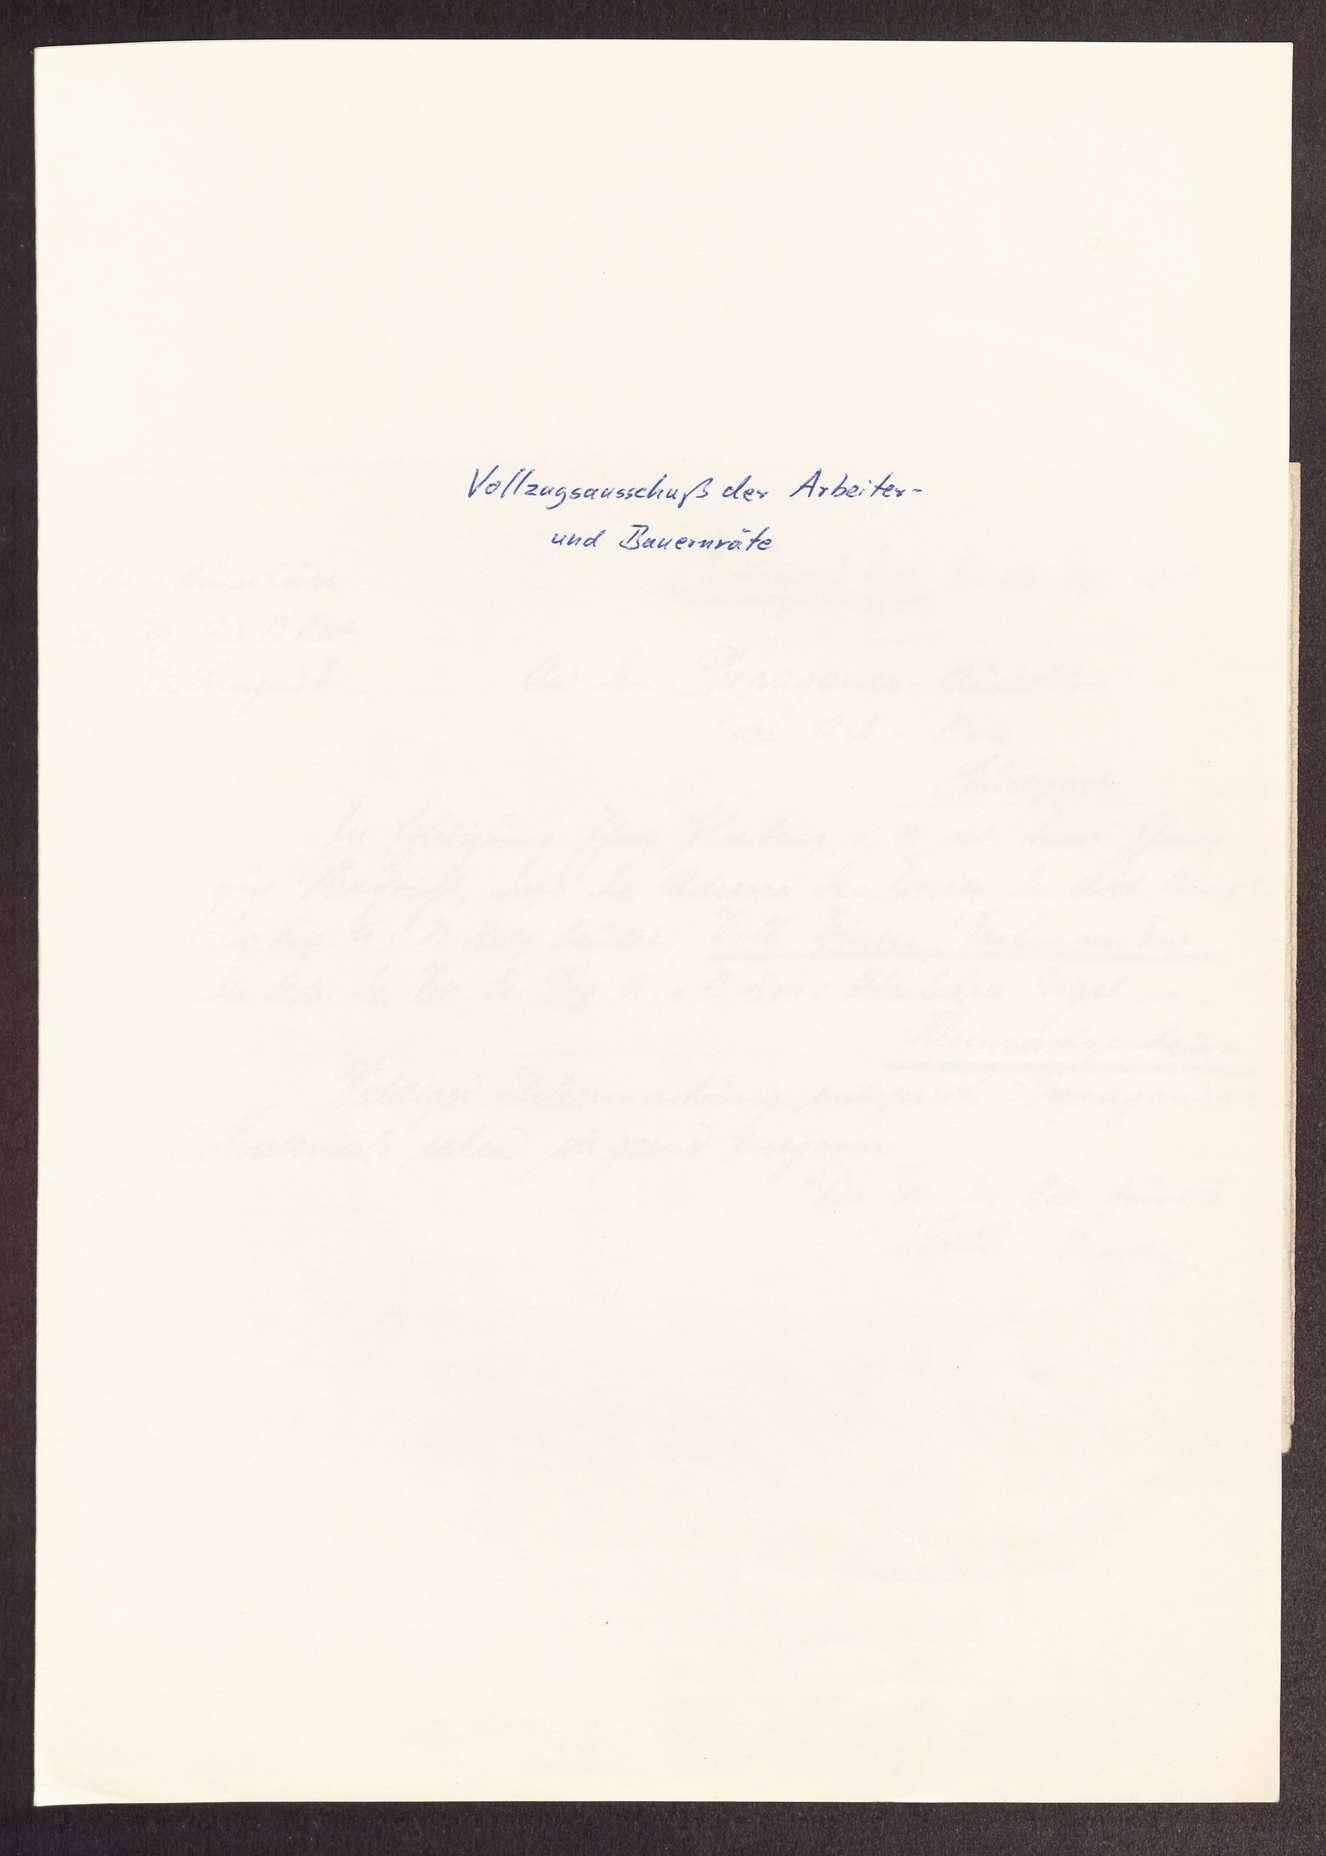 Wahl, Zusammensetzung und Auflösung der Arbeiter- und Bauernräte im Oberamt Vaihingen, Bild 1